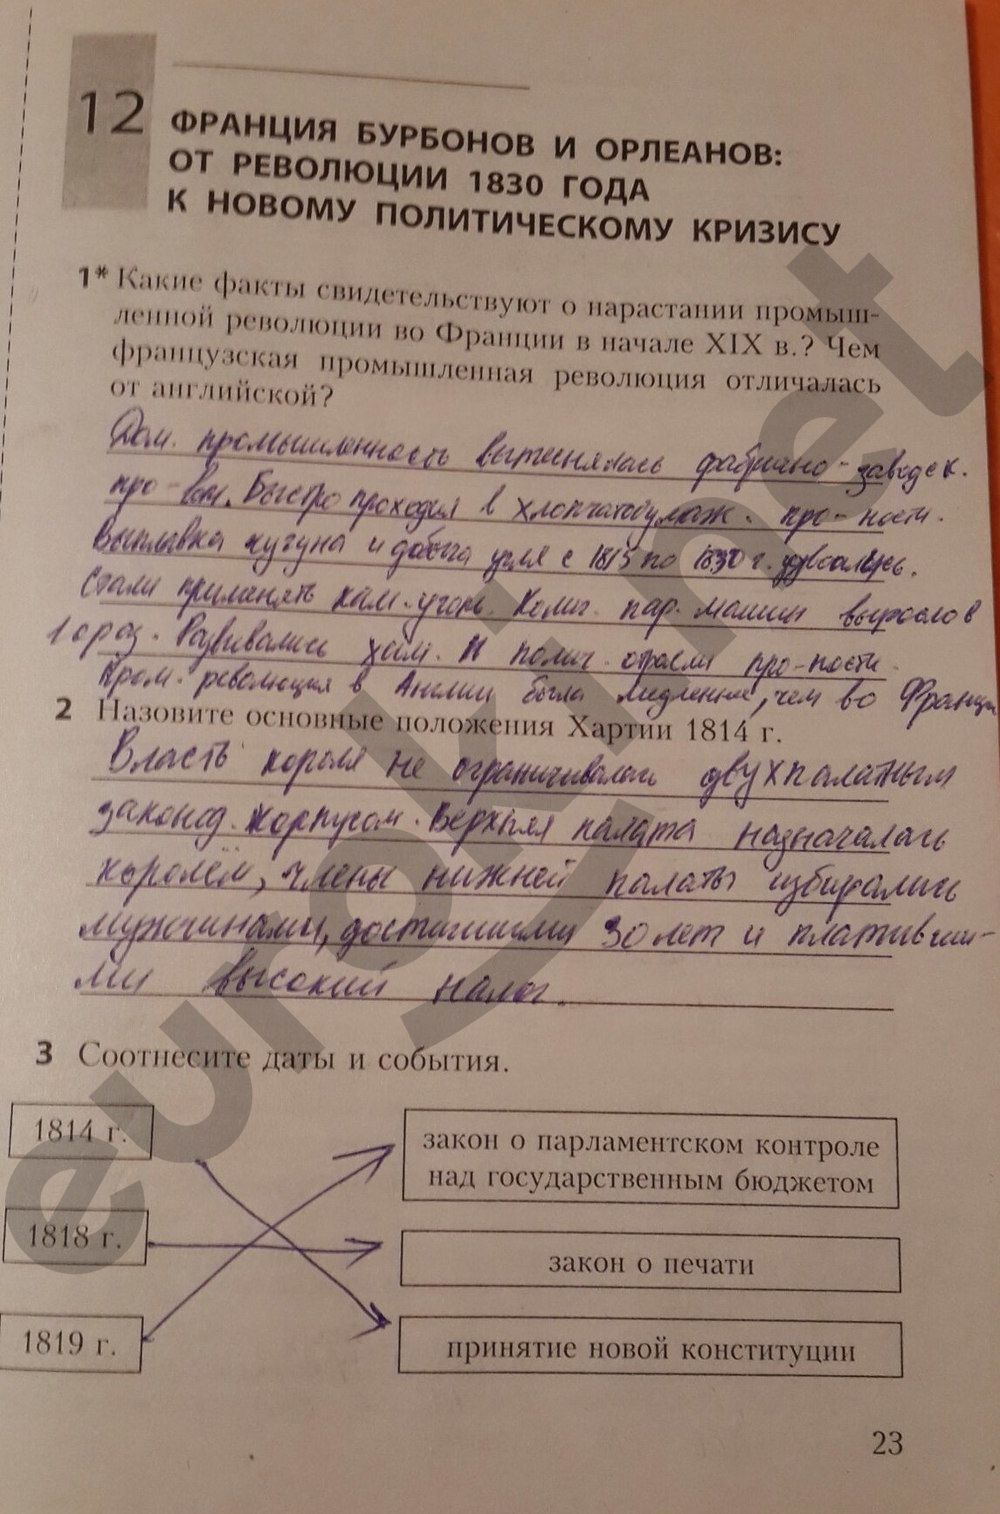 Бесплатно скачиваемое гдз по русскому языку за 8 класс